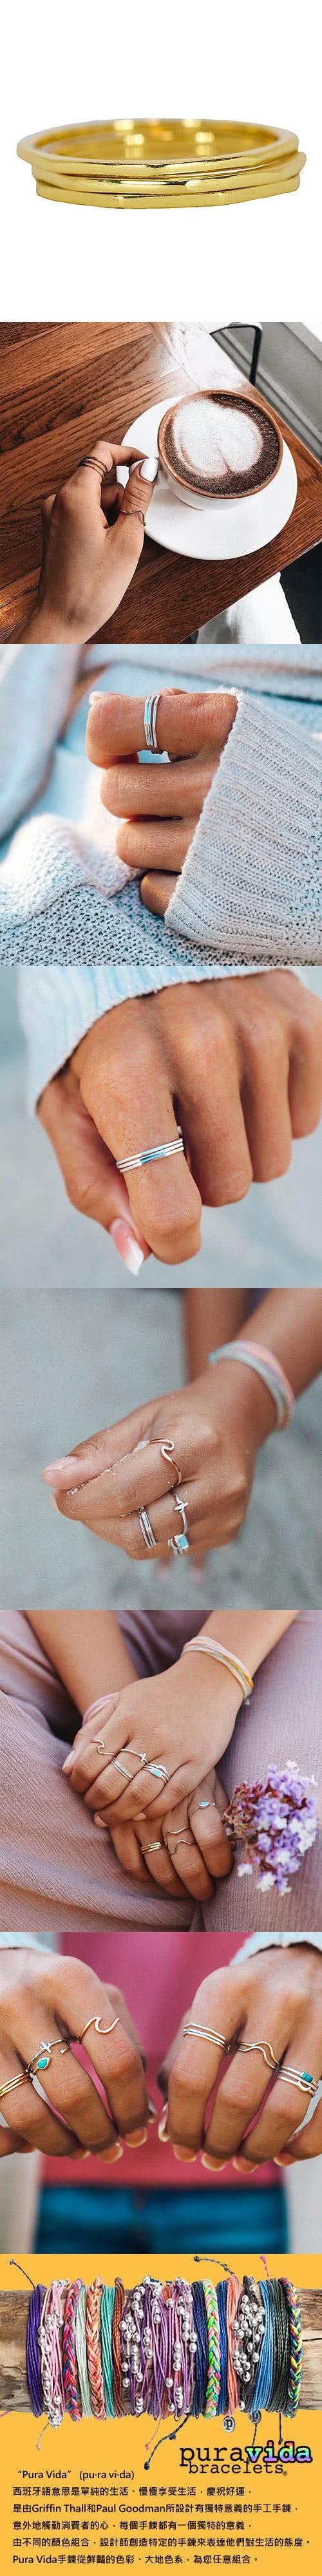 (複製)Pura Vida 金色Malibu串珠 粉色臘線衝浪手鍊手環